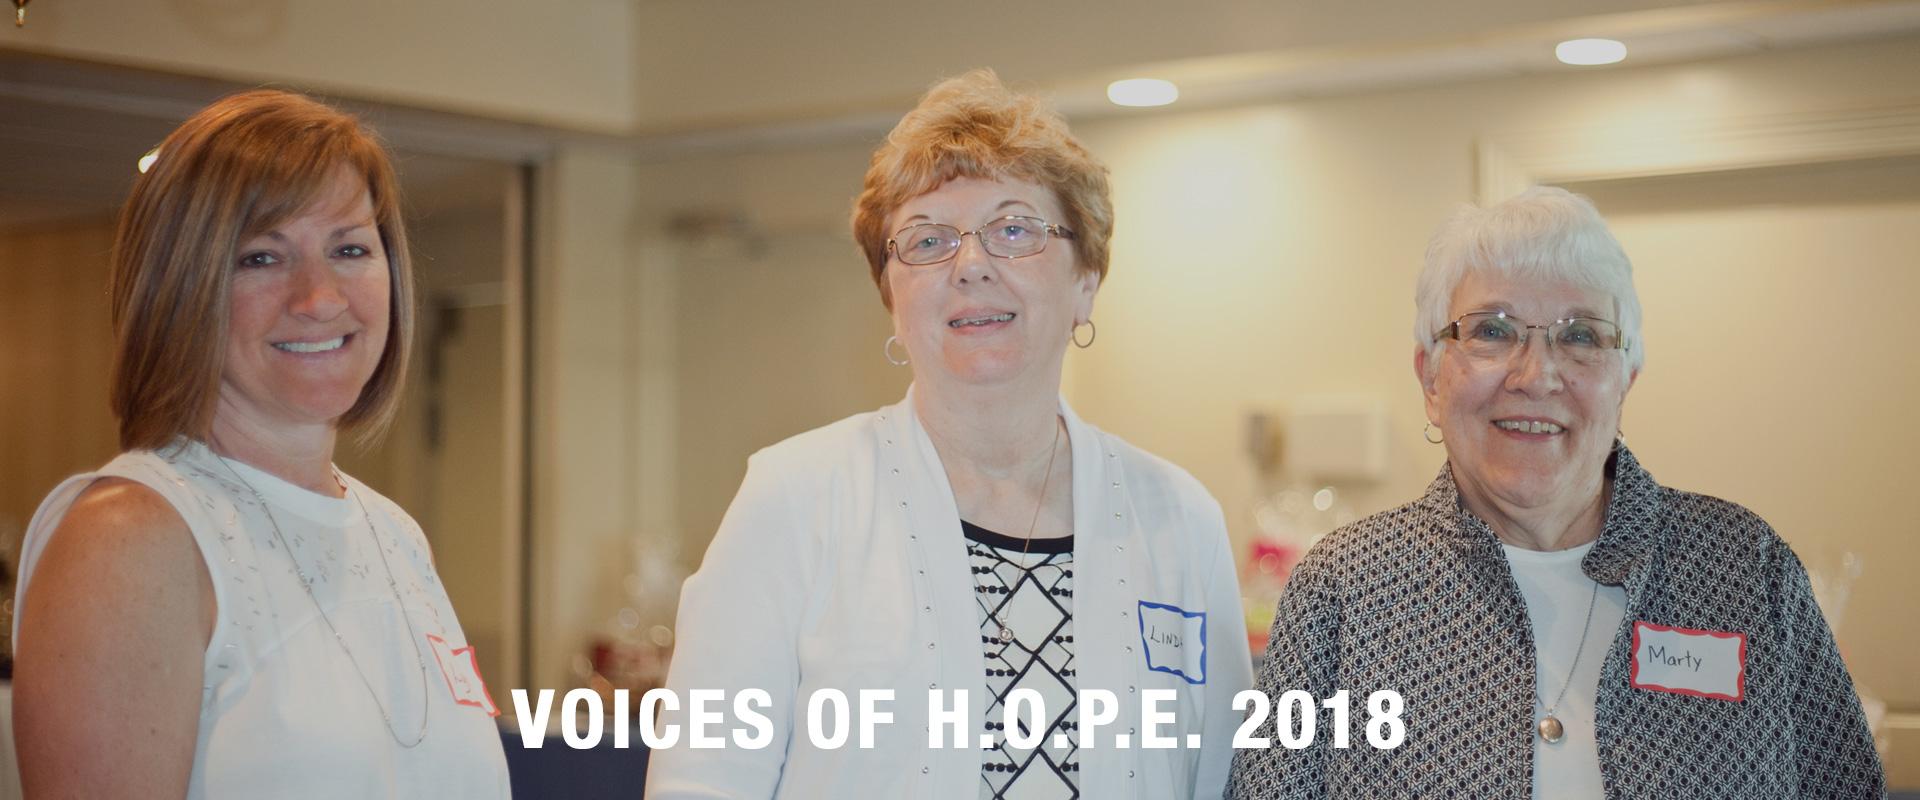 Voices of H.O.P.E. 2018 - 18